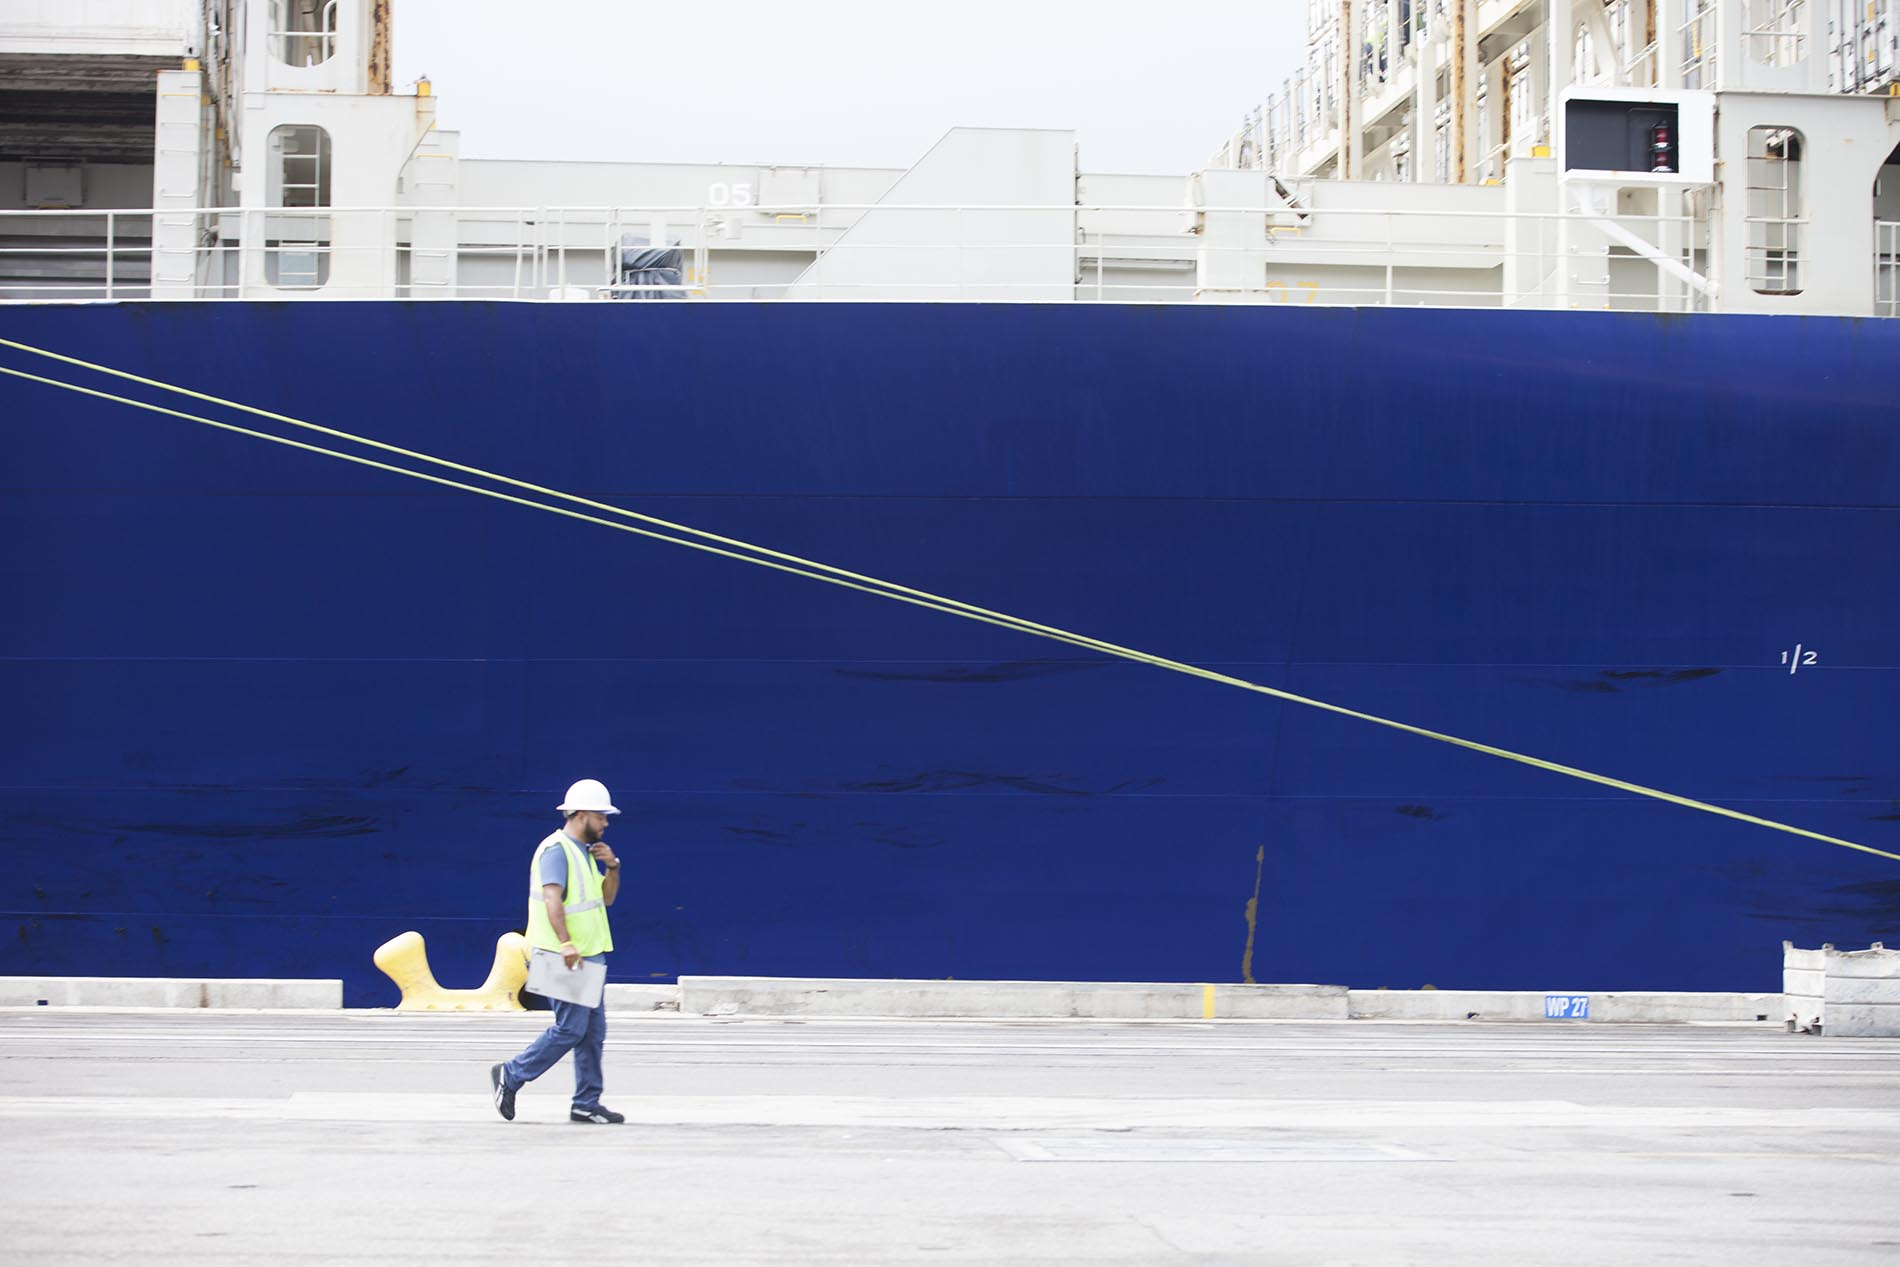 Man walking near blue ship